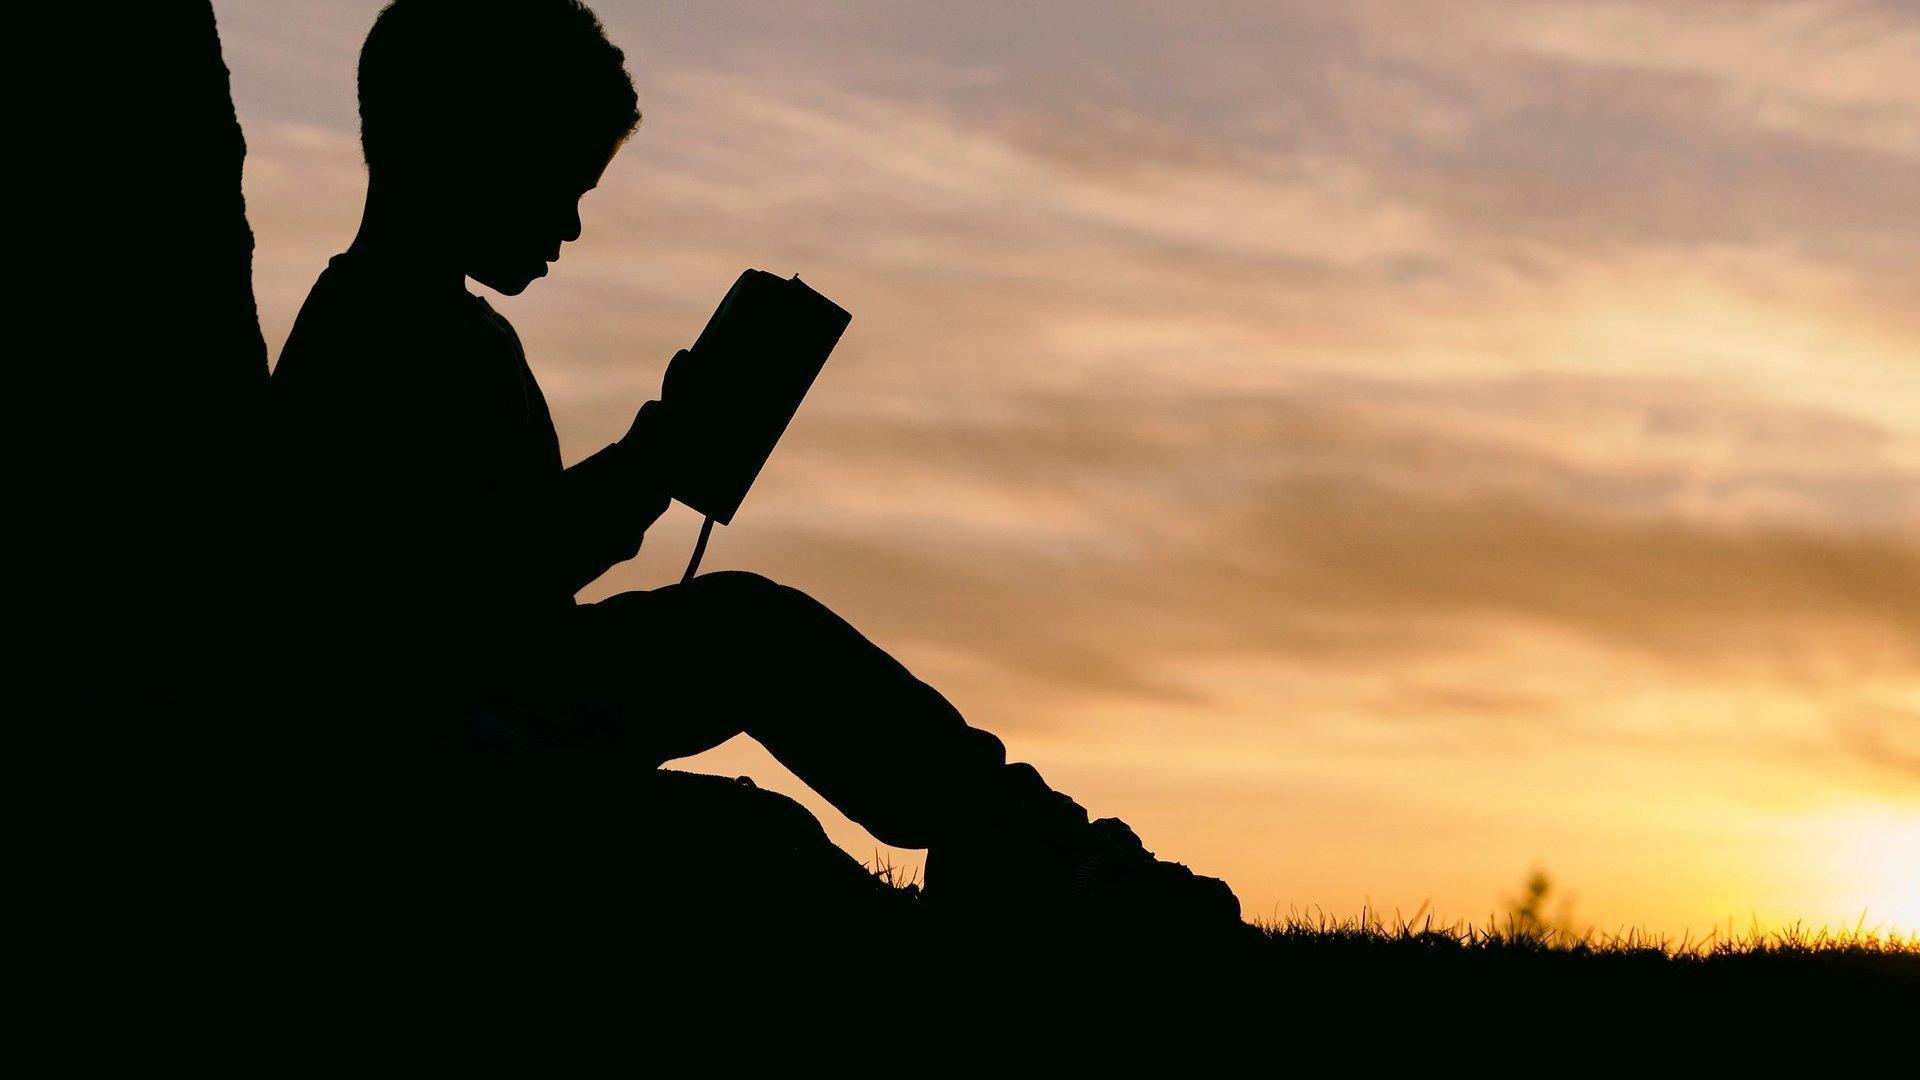 Ein Junge liest an einen Baustamm gelehnt, in der Abenddämmerung ein Buch.